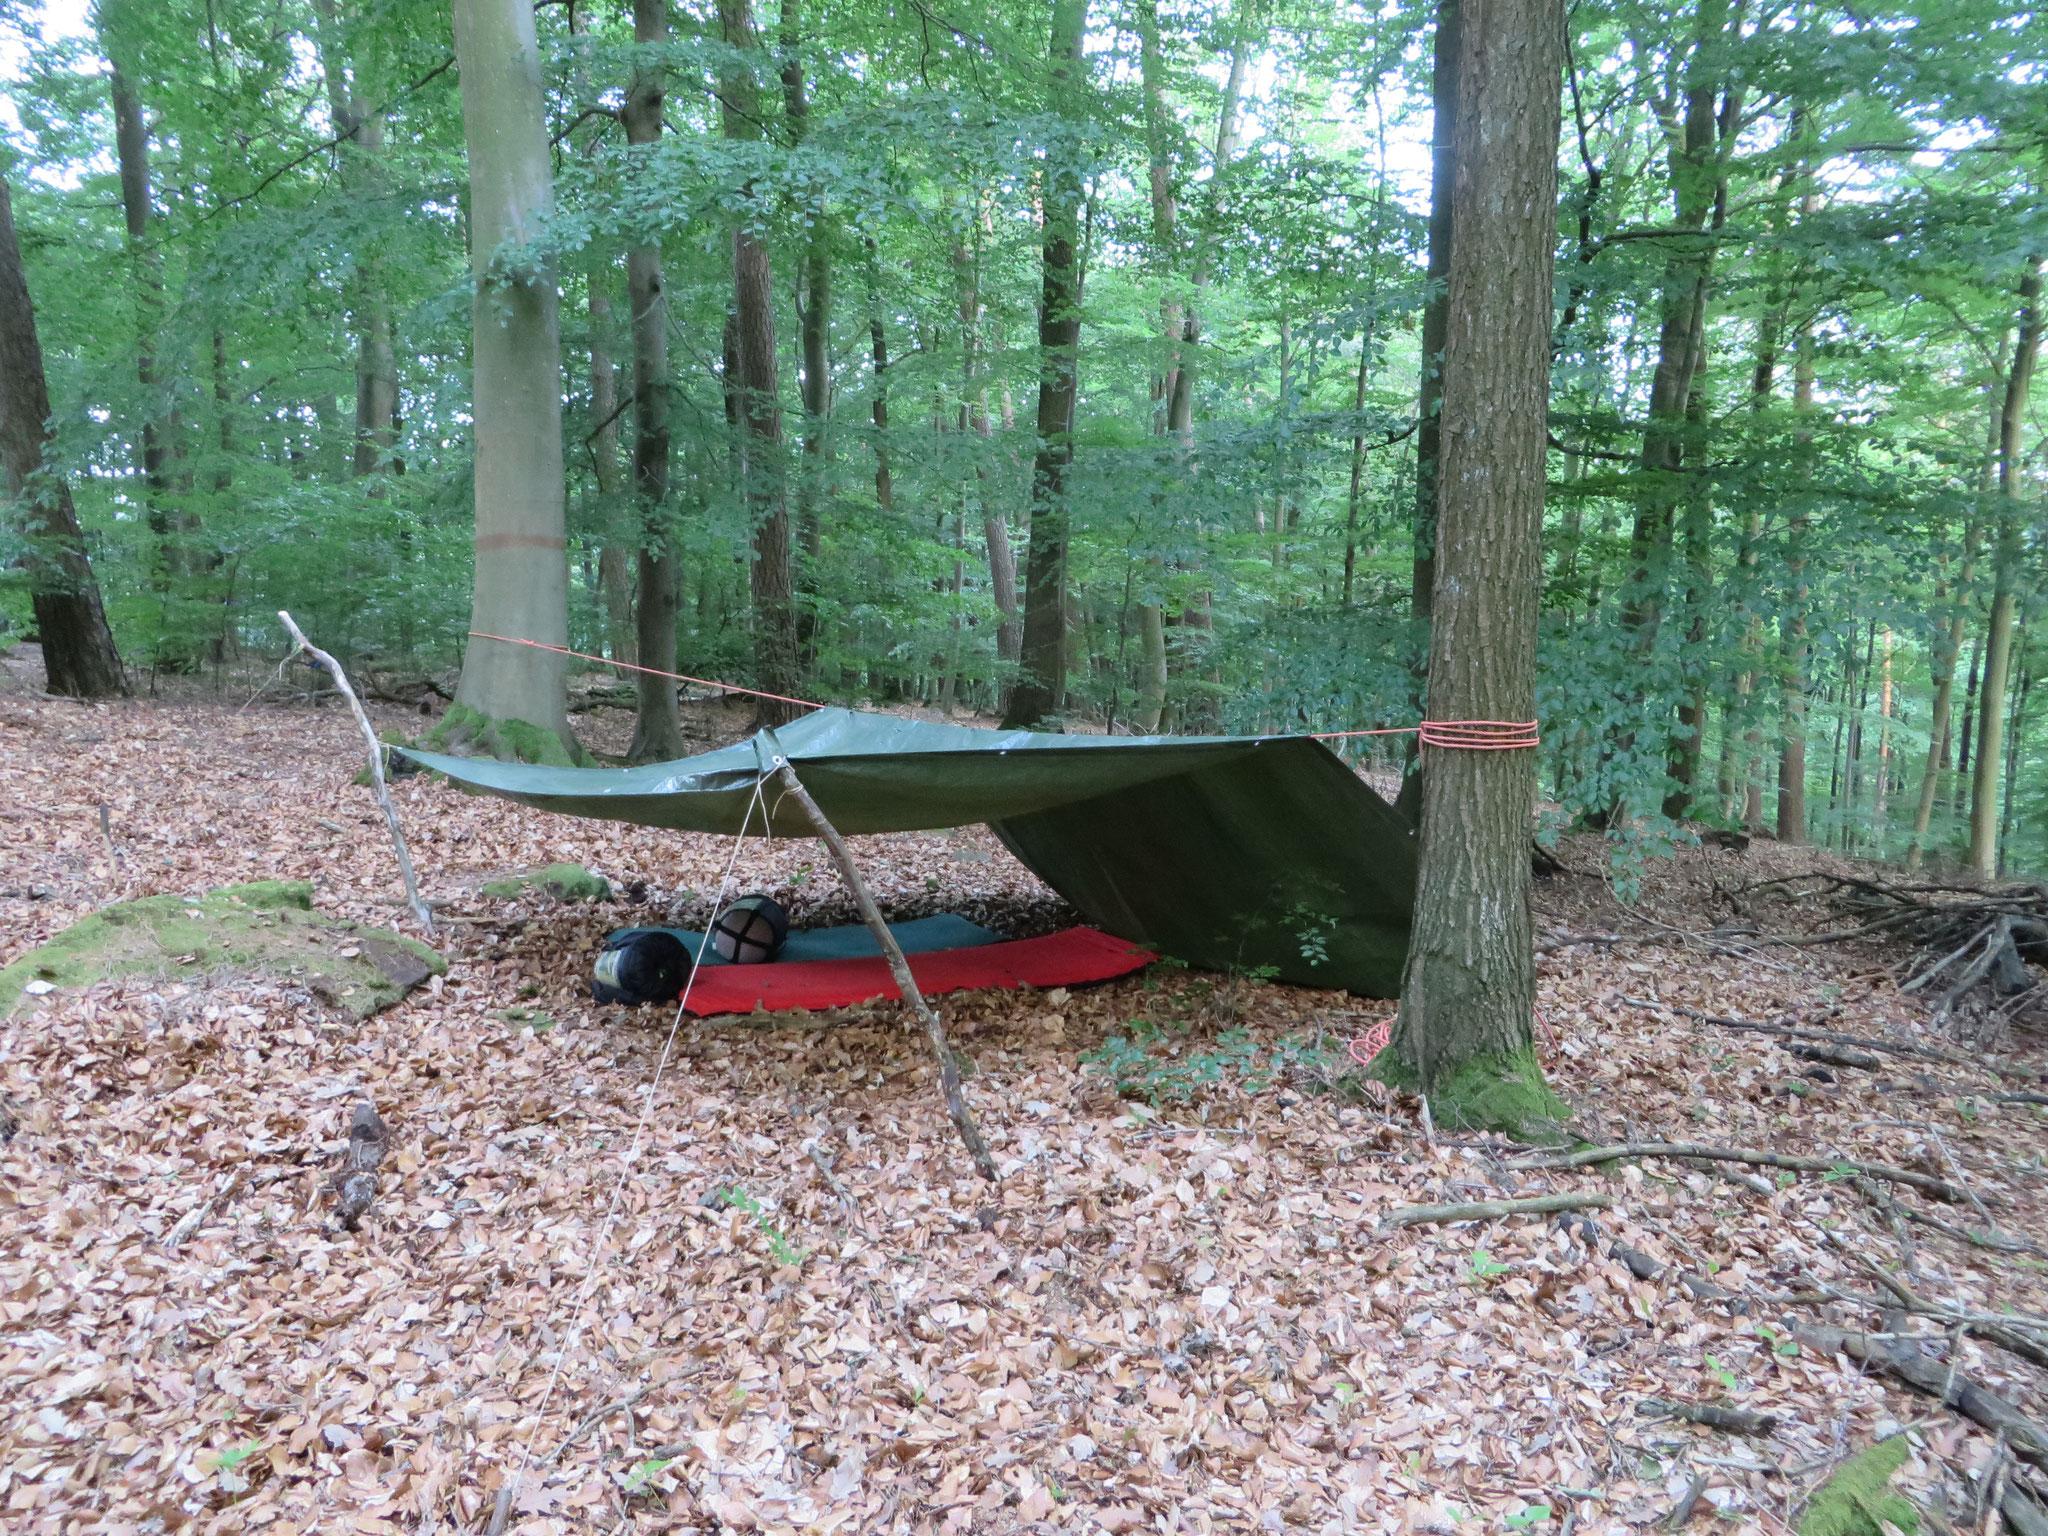 Eine weitere schöne Unterkunft nahe der Quelle.